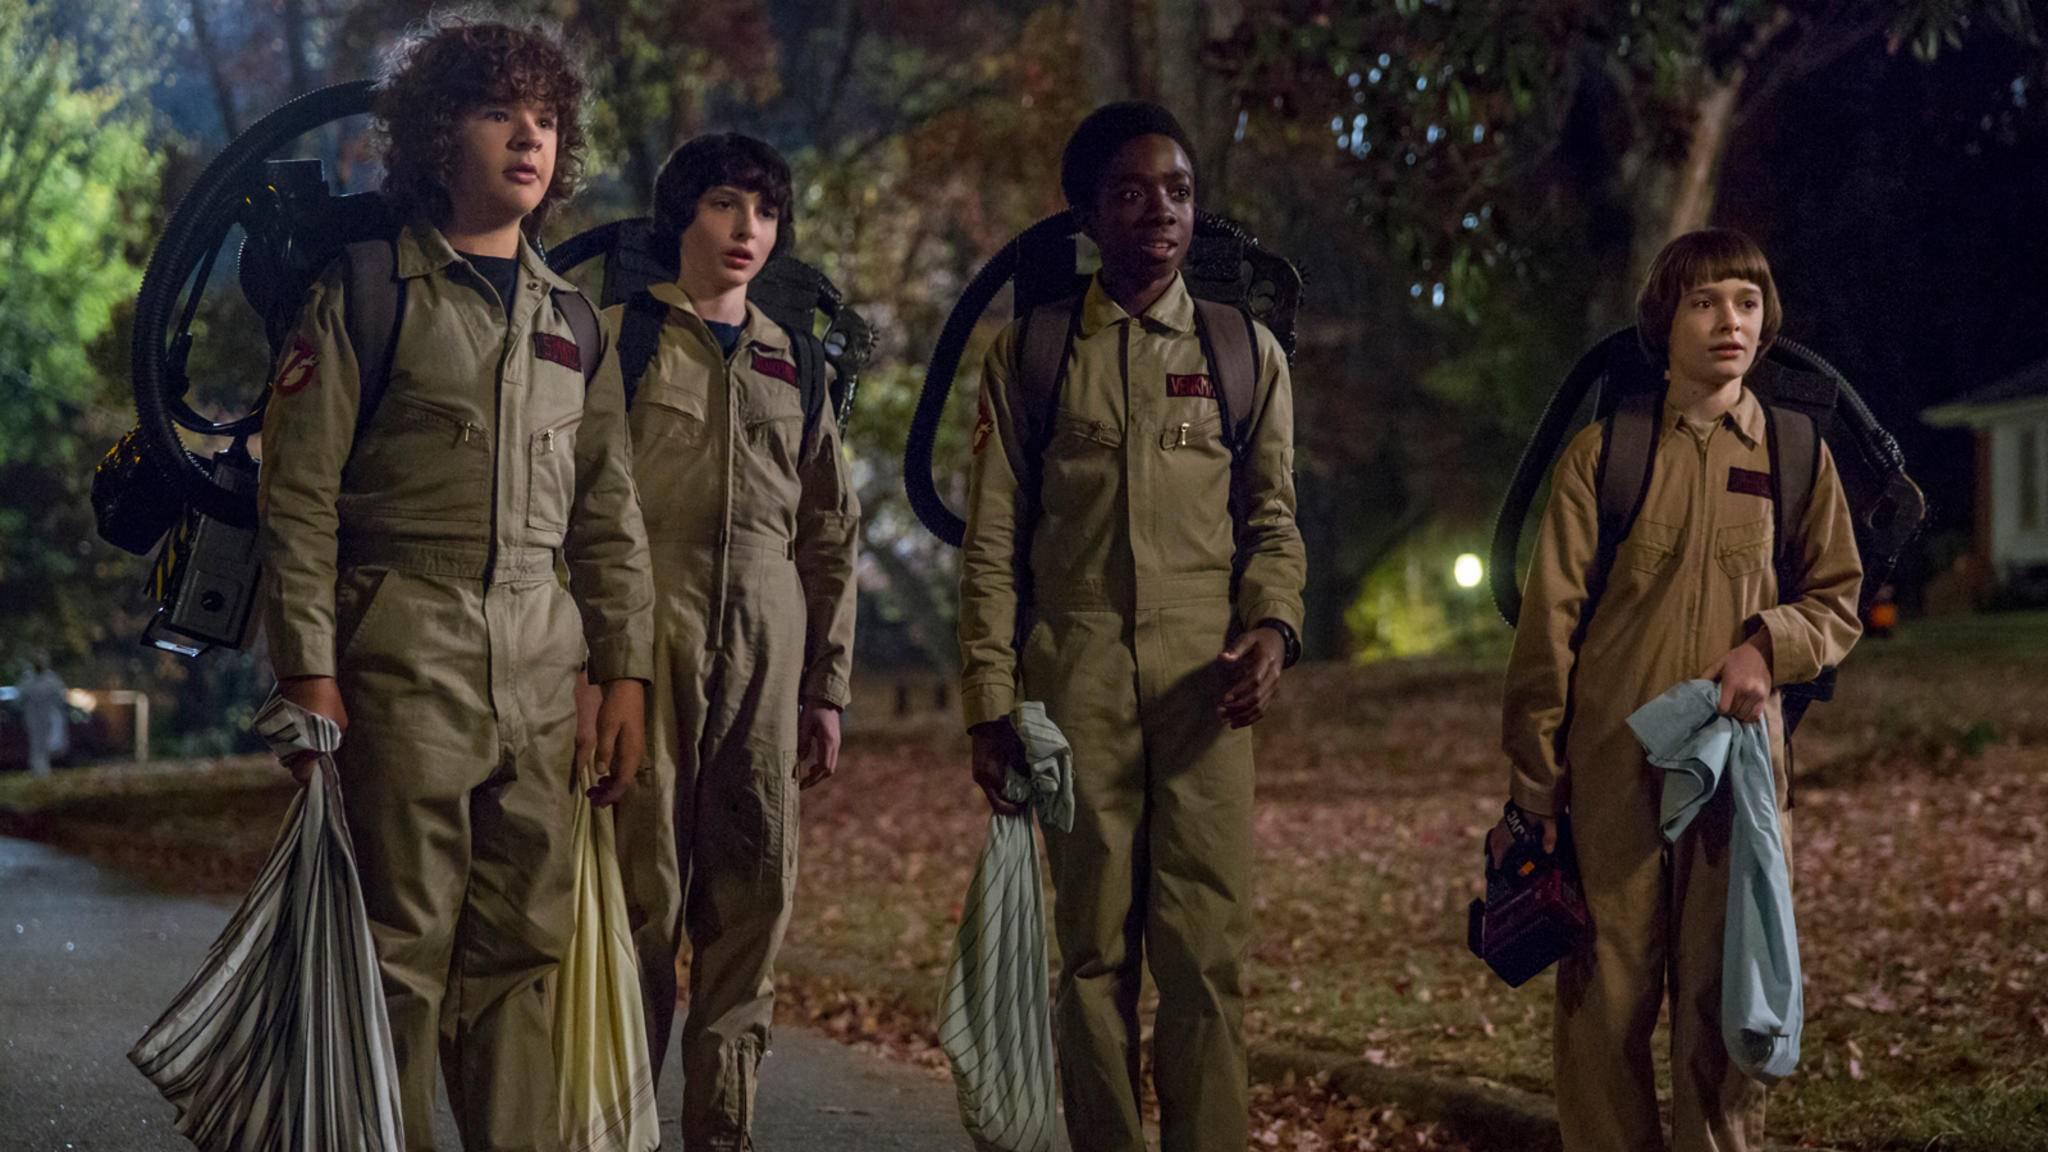 """Im besten Fall könnte es bis zu fünf Staffeln von """"Stranger Things"""" geben."""